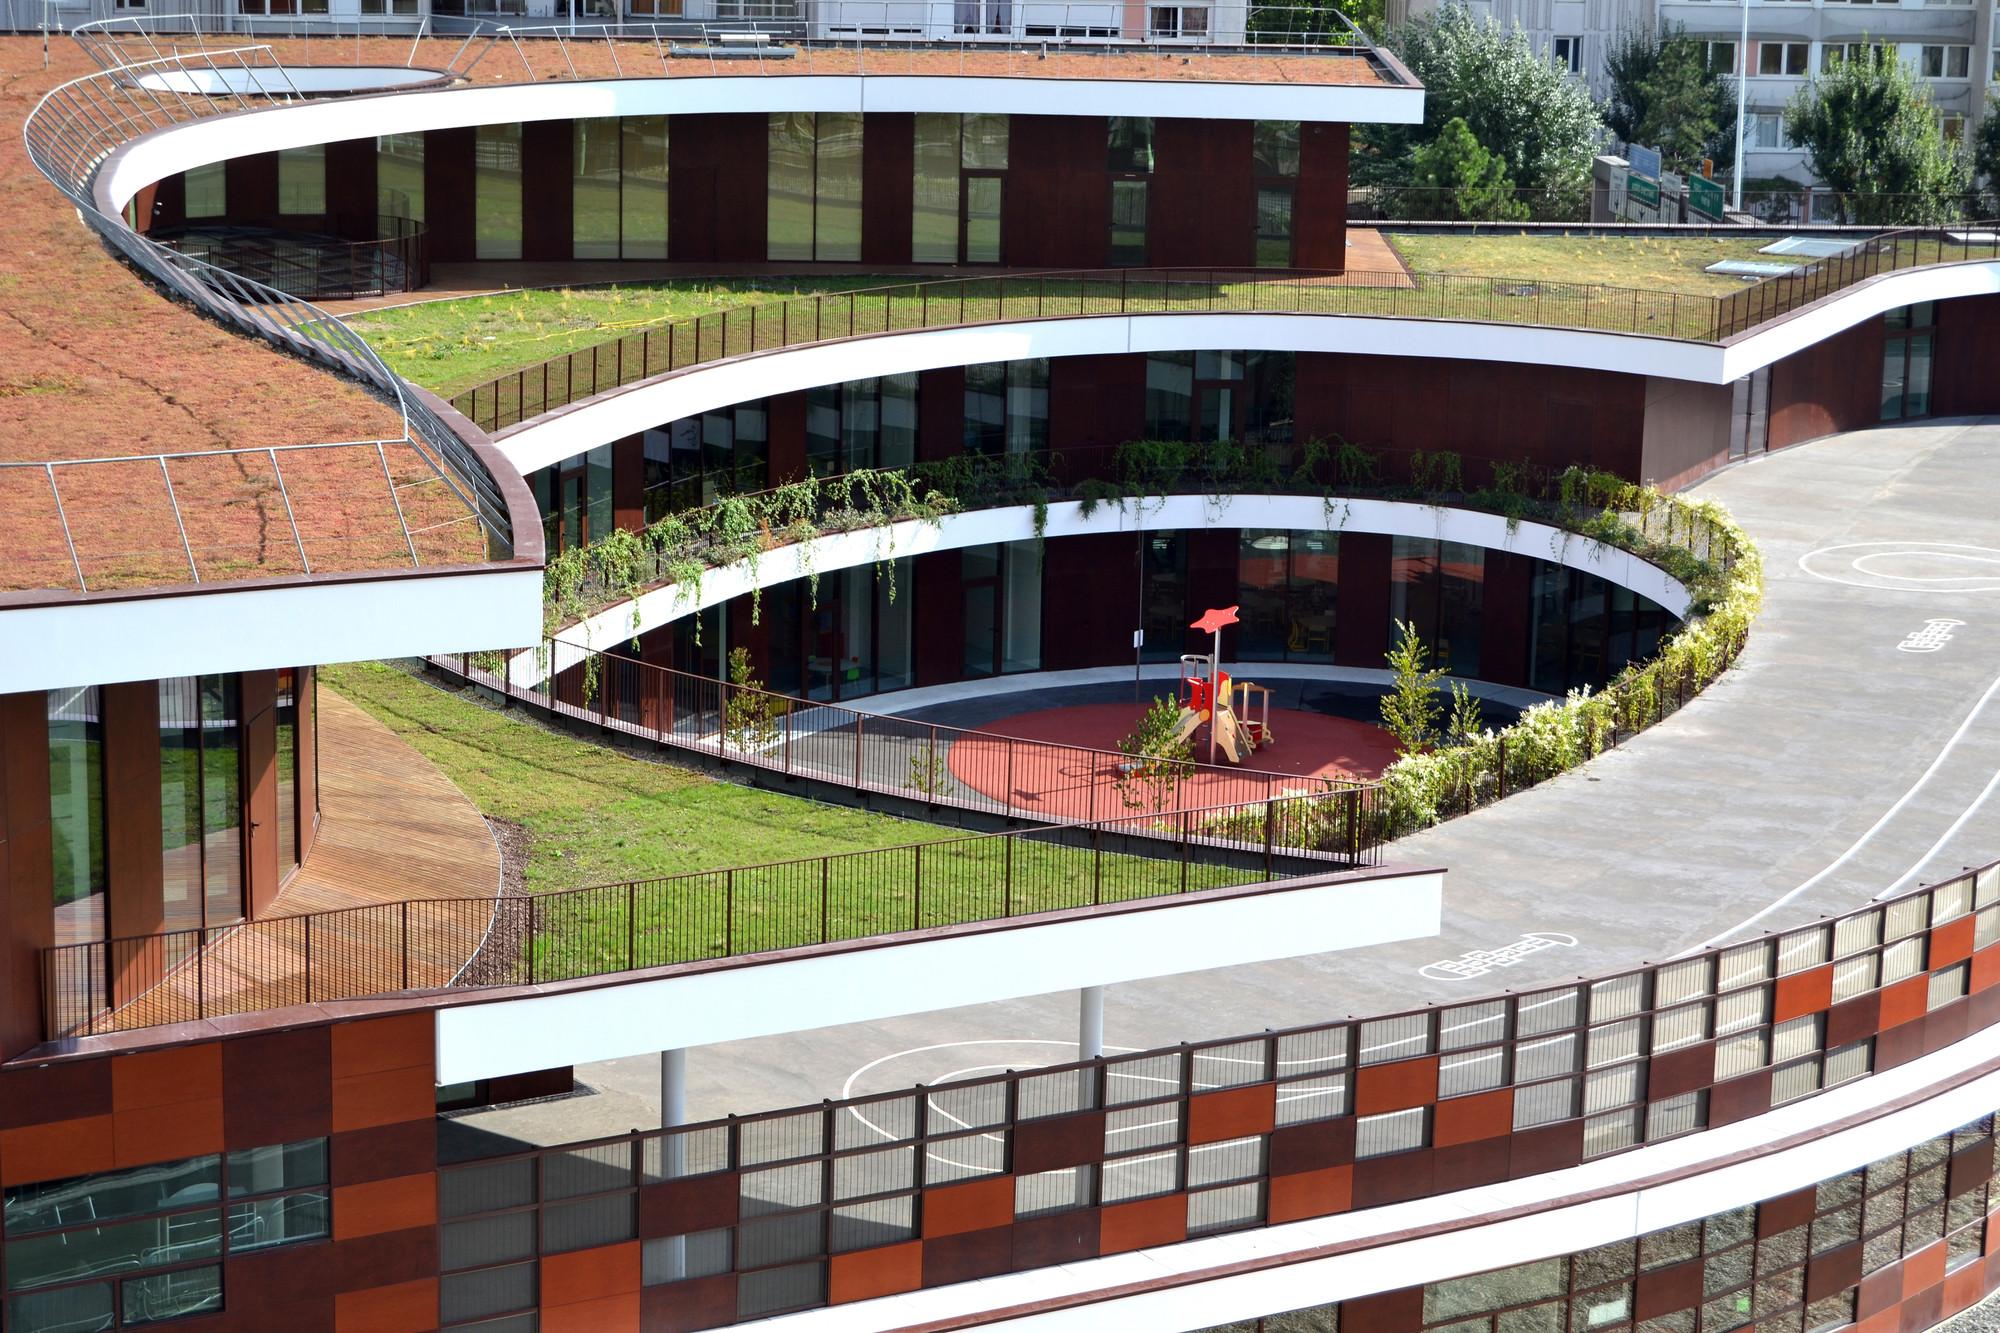 Gallery of complex school in bobigny mikou design studio for Studio 11 architecture